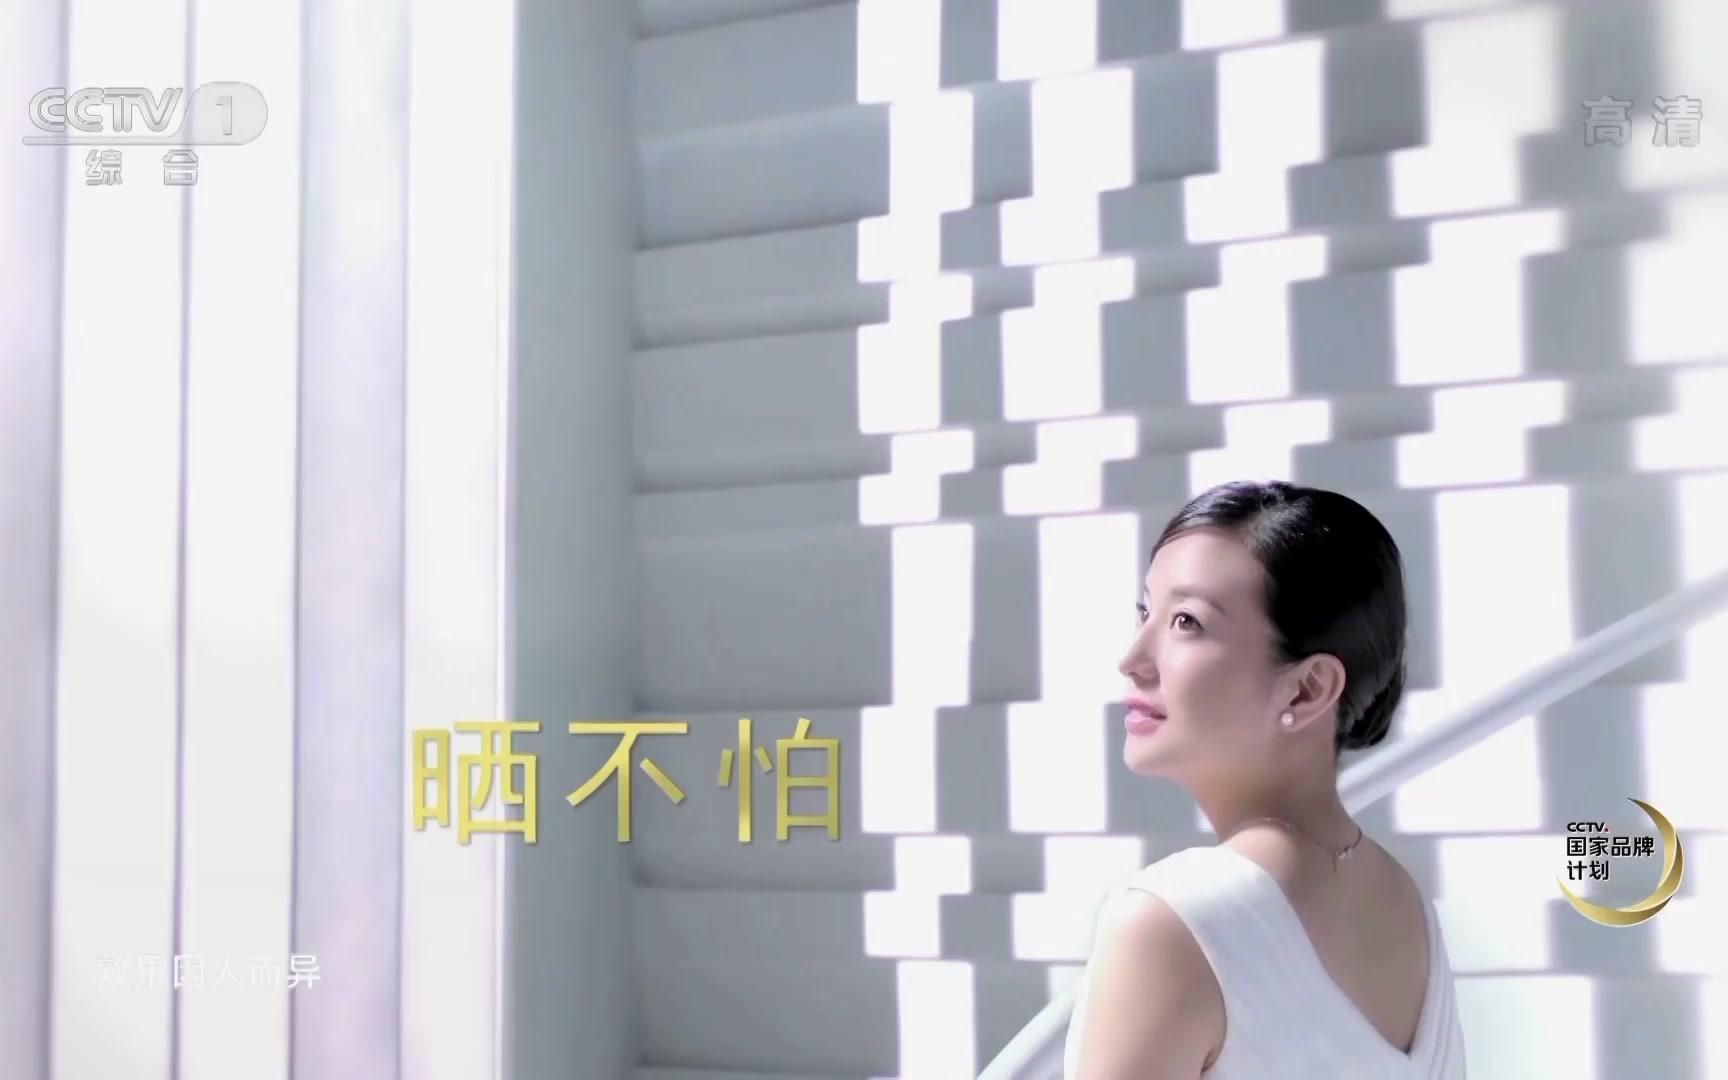 央视广告欣赏-美肤宝美白隔离防晒霜